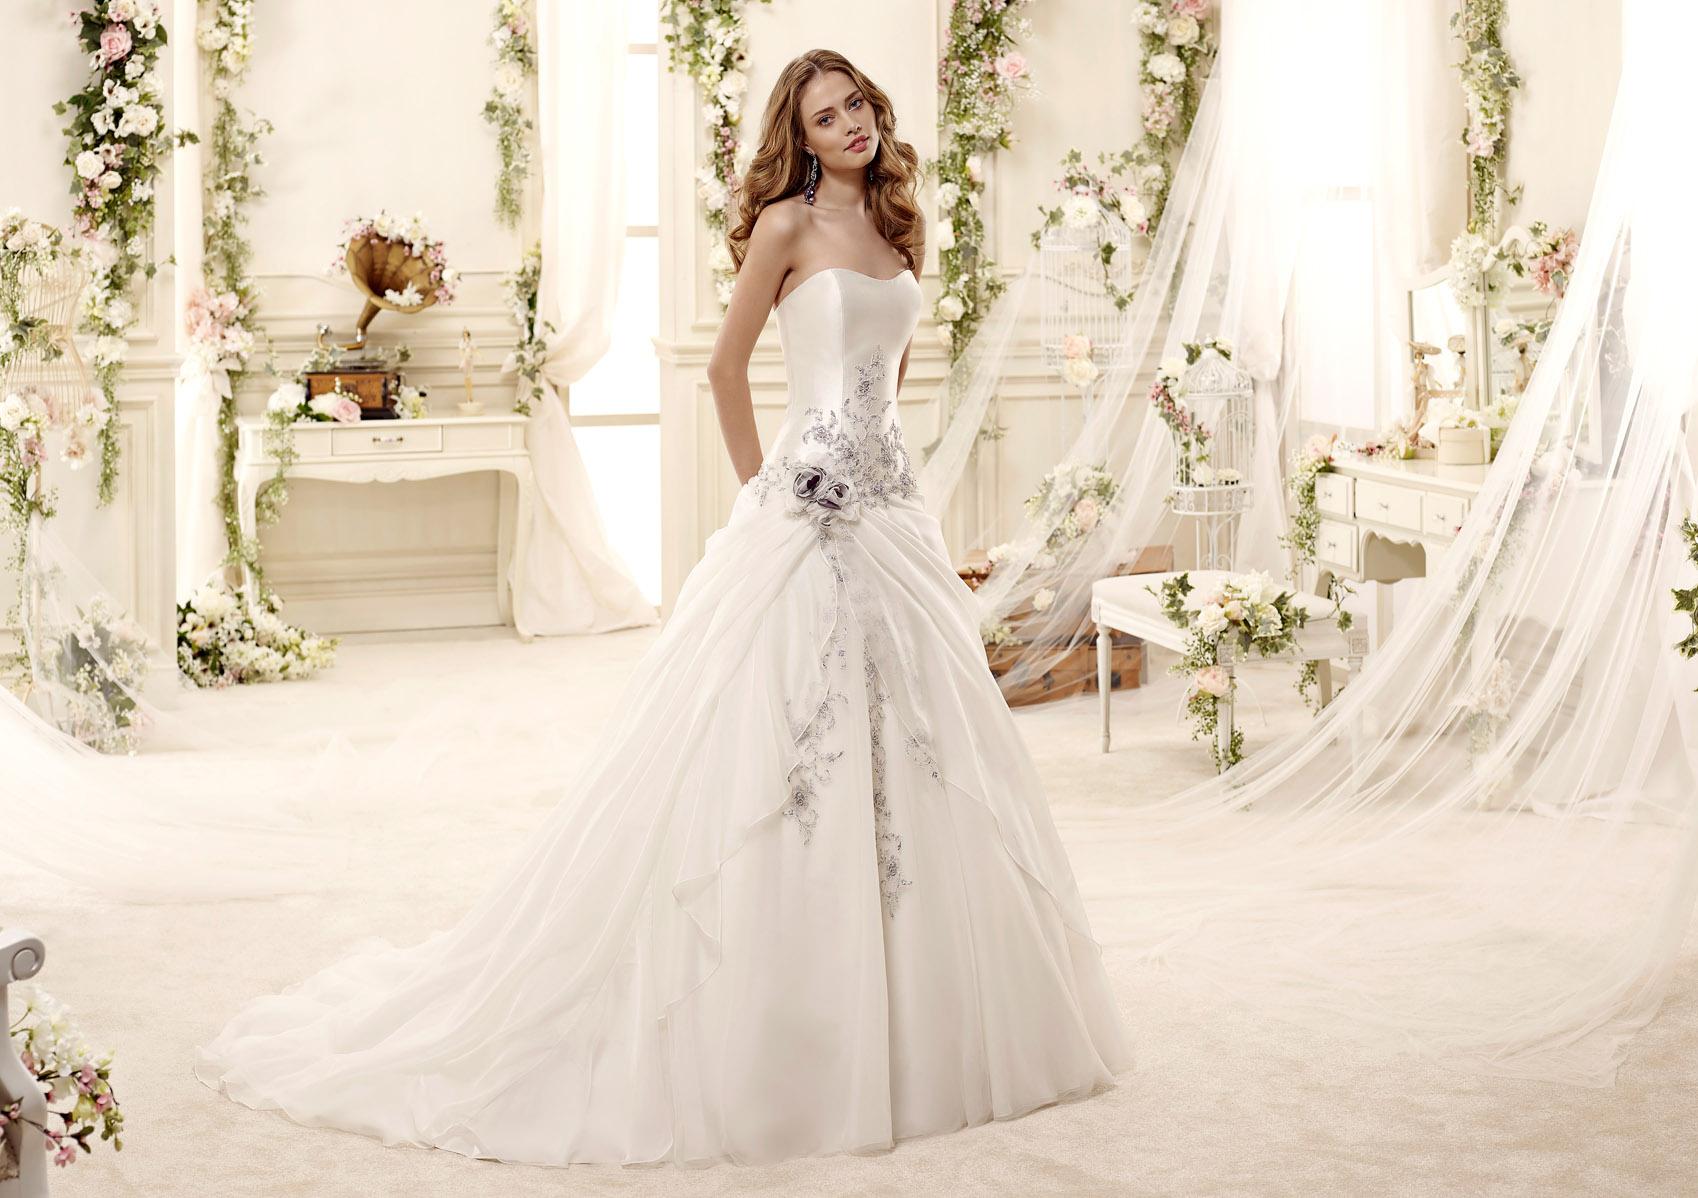 Vestiti Da Sposa Hymen.Colet Bridal Collection 2015 Nicole Fashion Group